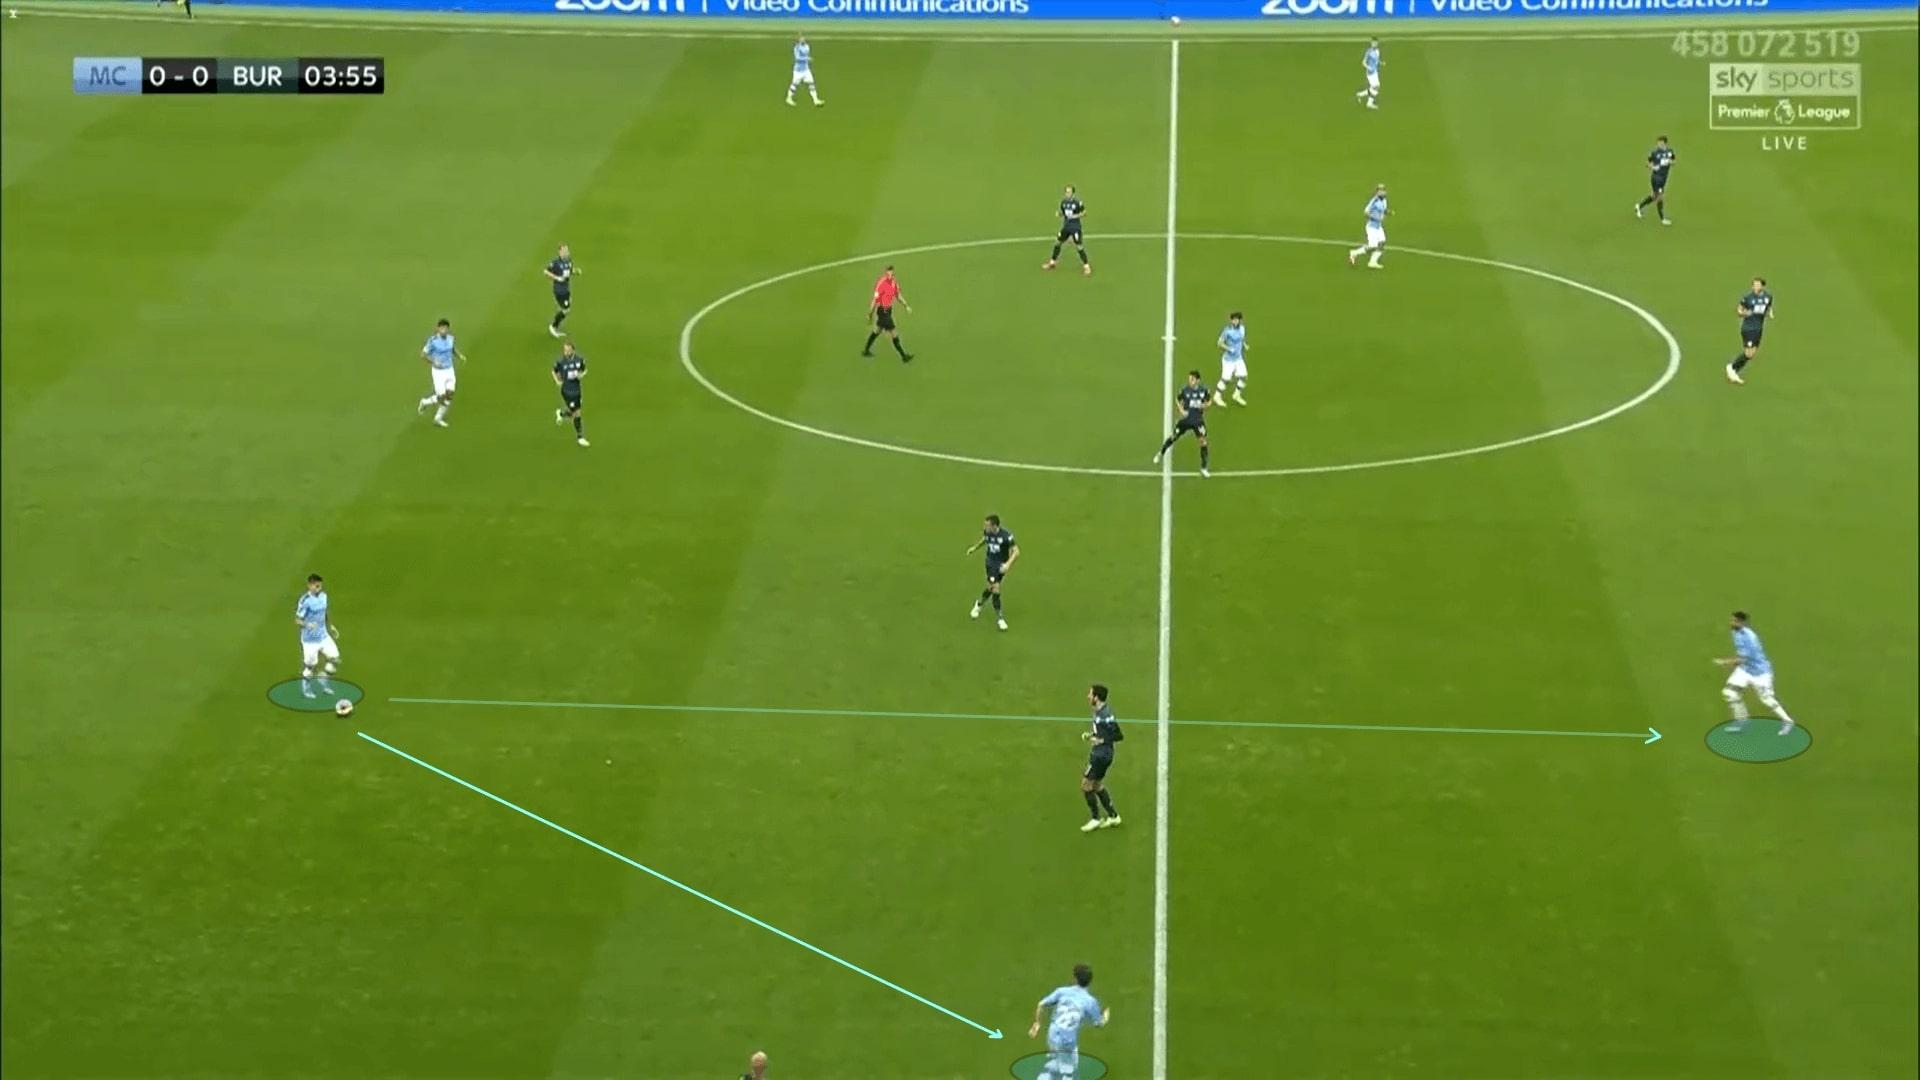 Premier League 2019/20: Manchester City vs Burnley - tactical analysis tacticsticstics